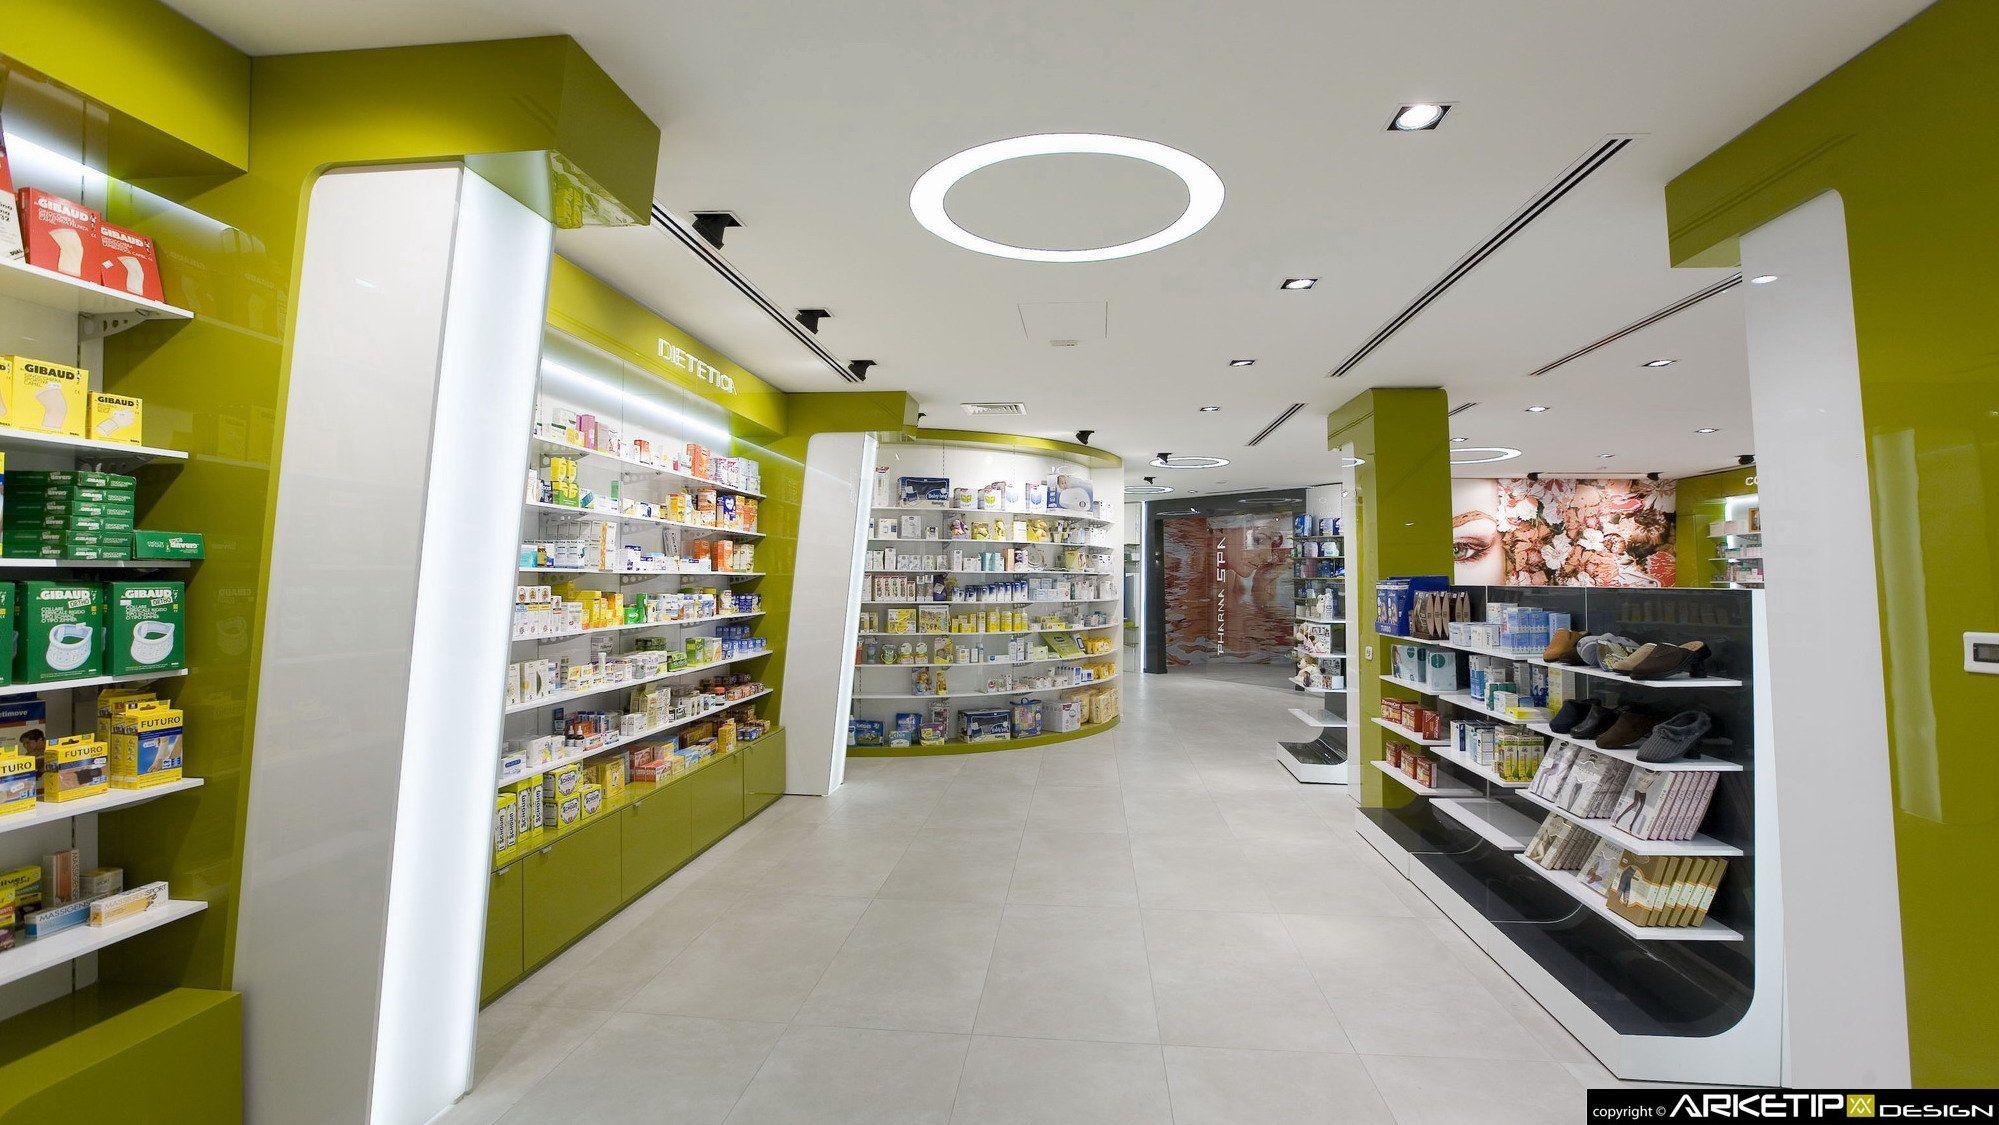 Farmacia verghera samarate va by arketipo design for Milano design shop